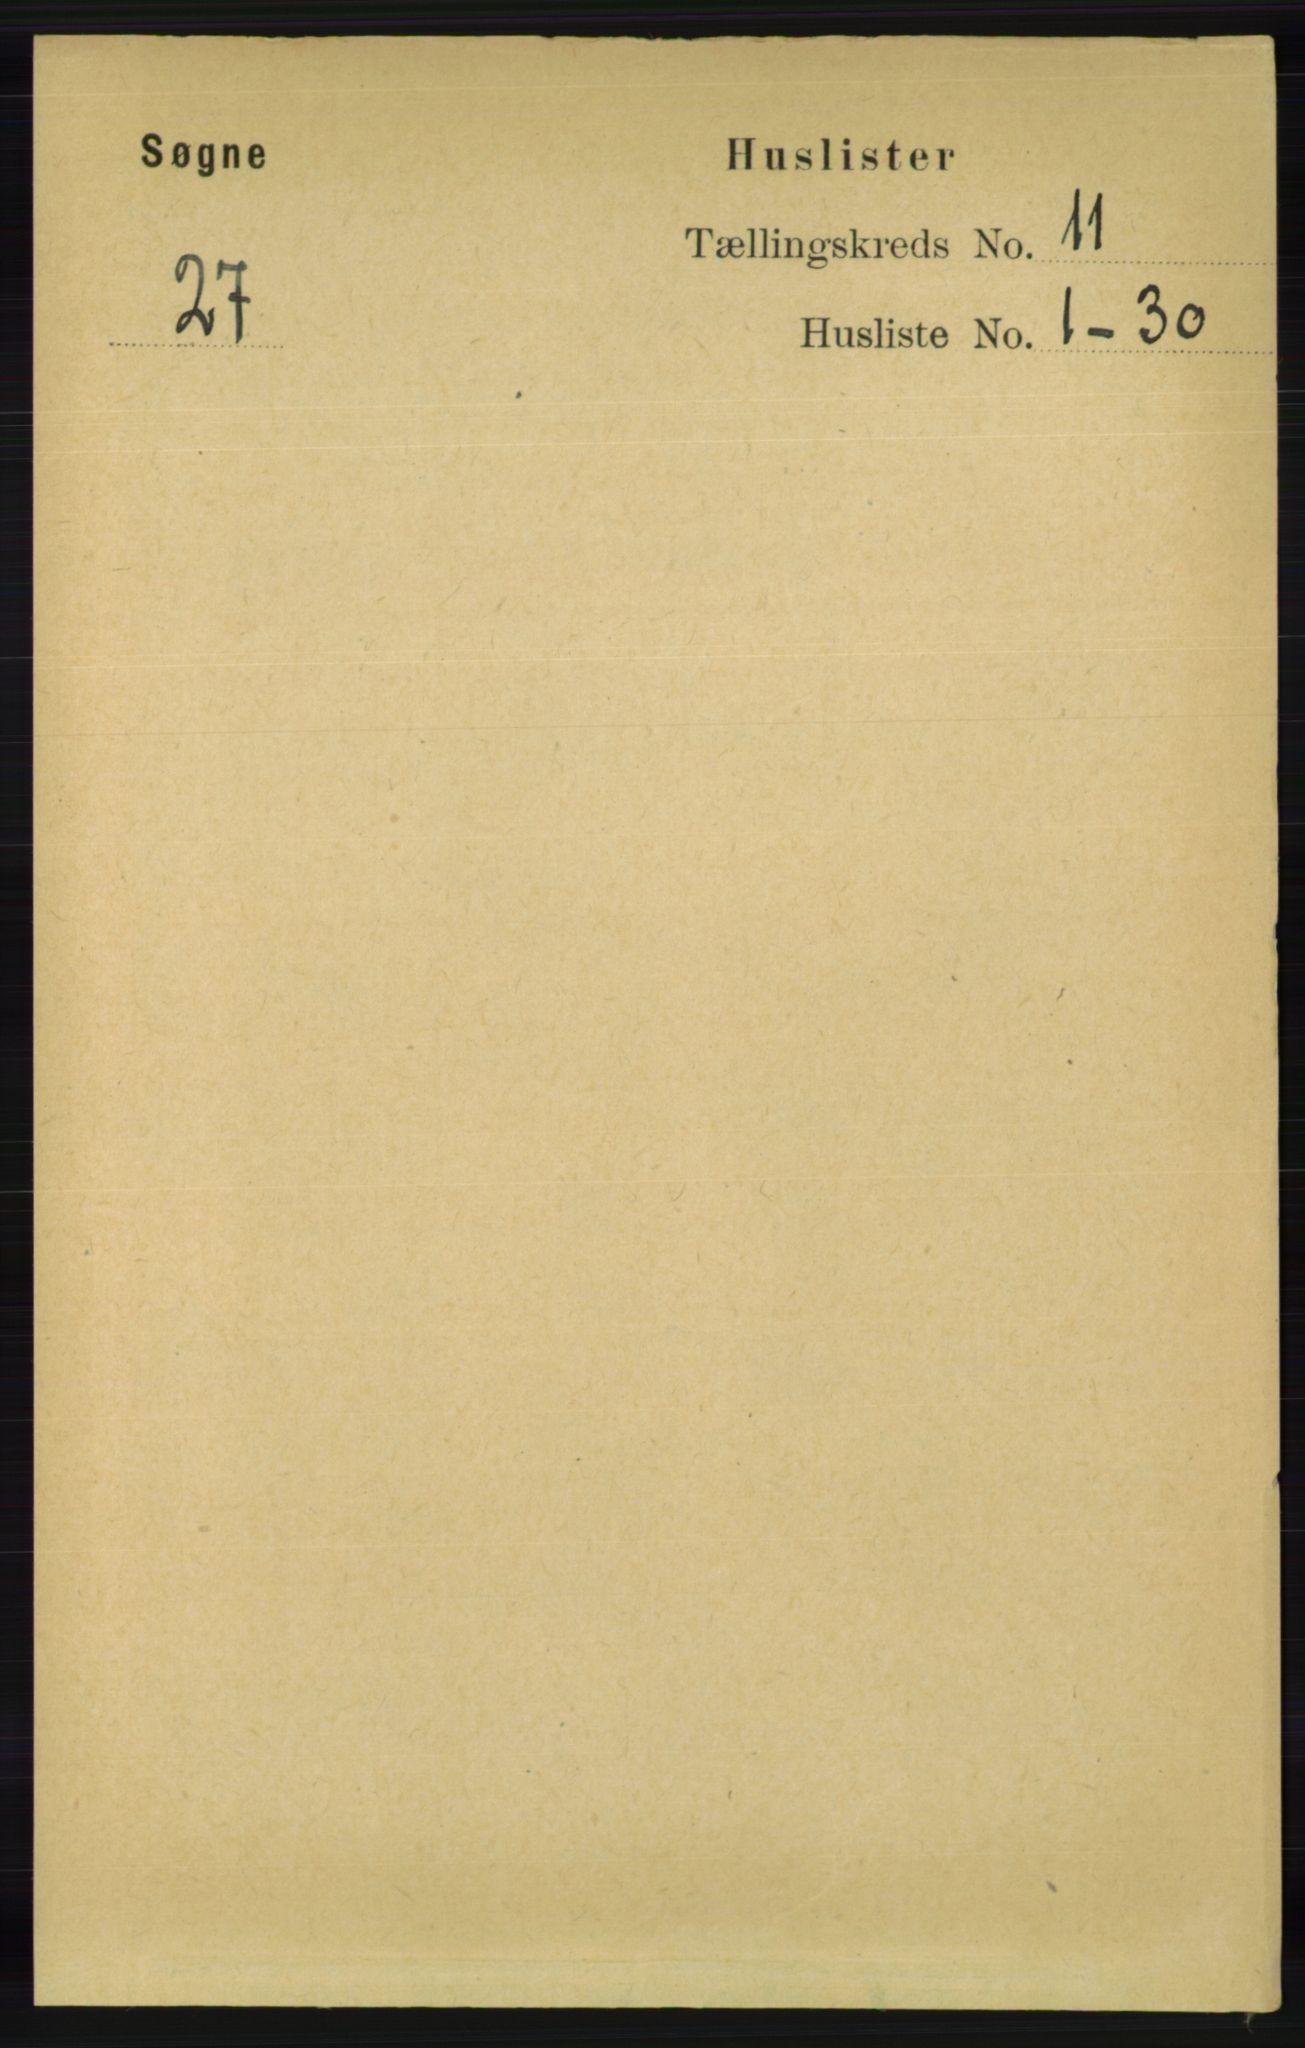 RA, Folketelling 1891 for 1018 Søgne herred, 1891, s. 2889